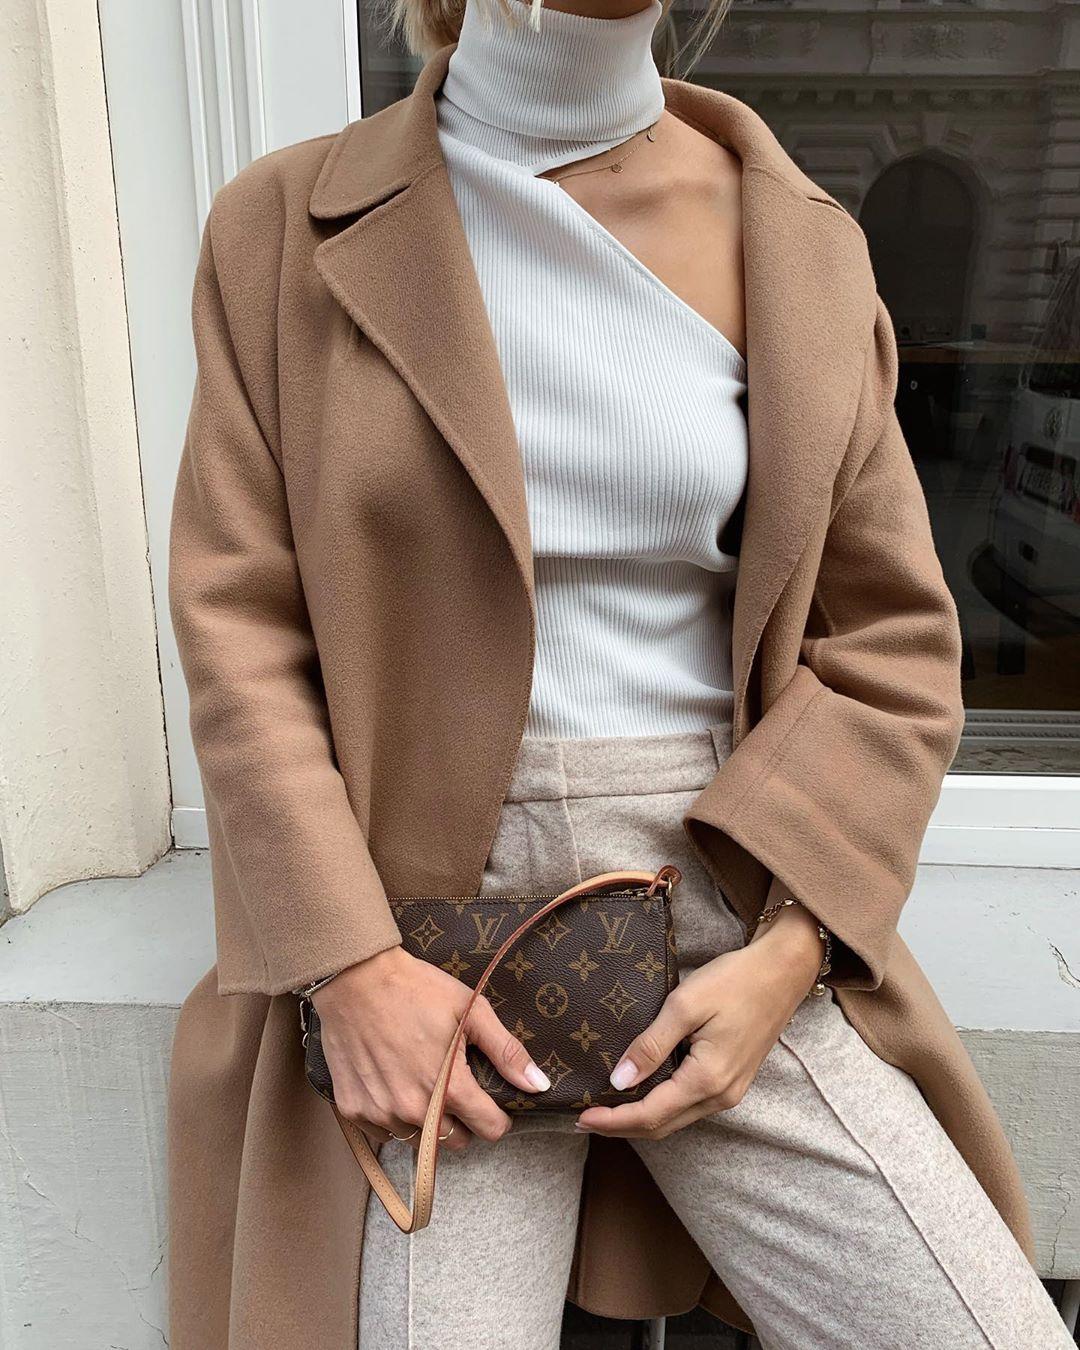 coat with patch pockets de Zara sur valentina.steinhart